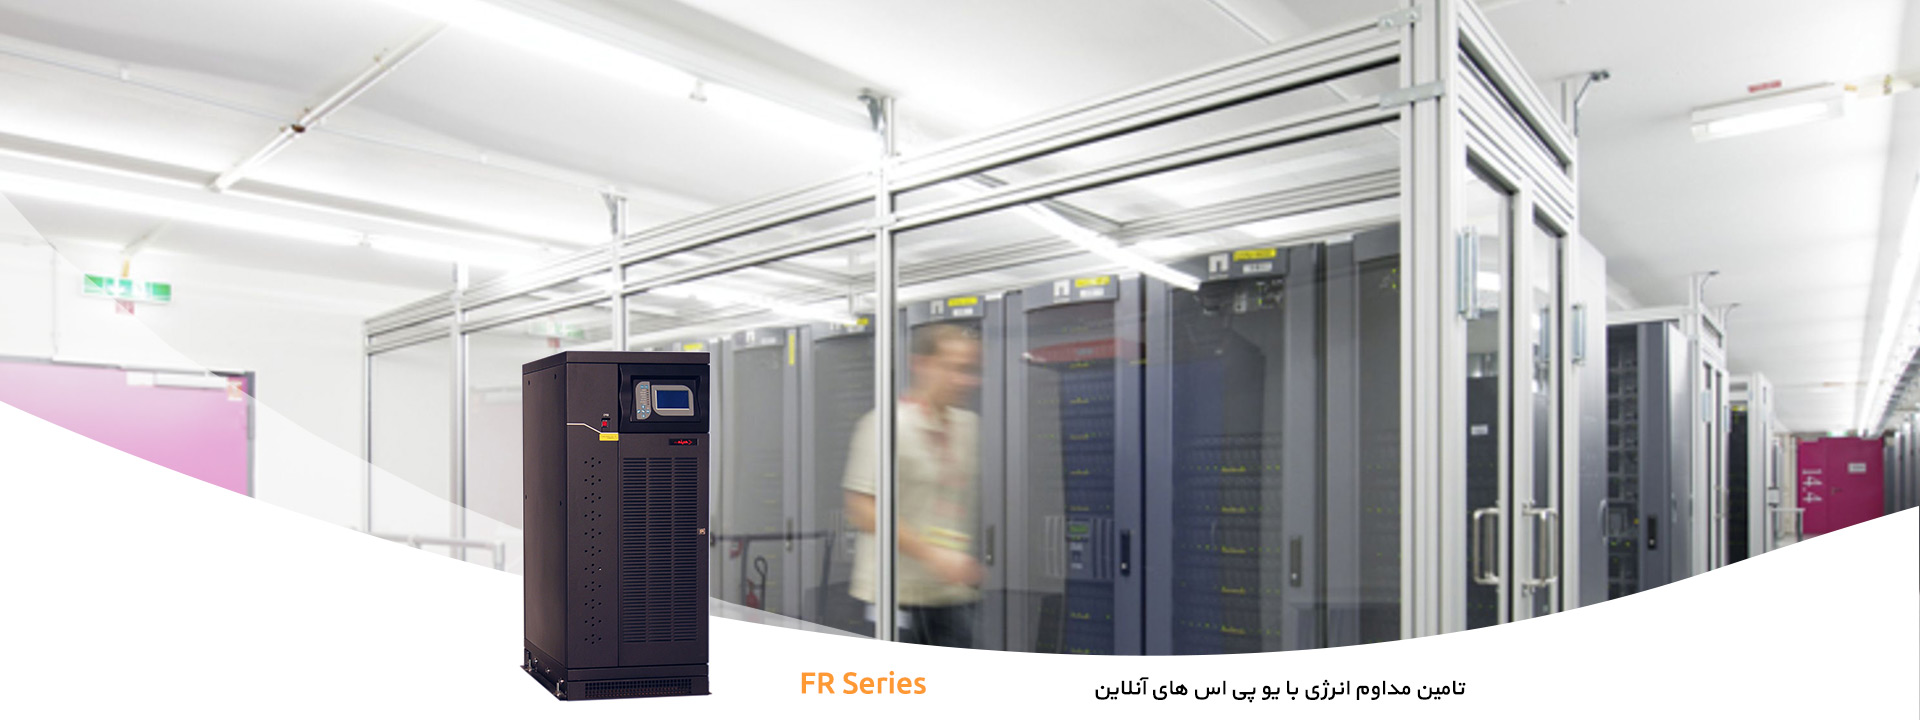 Ups Data Center